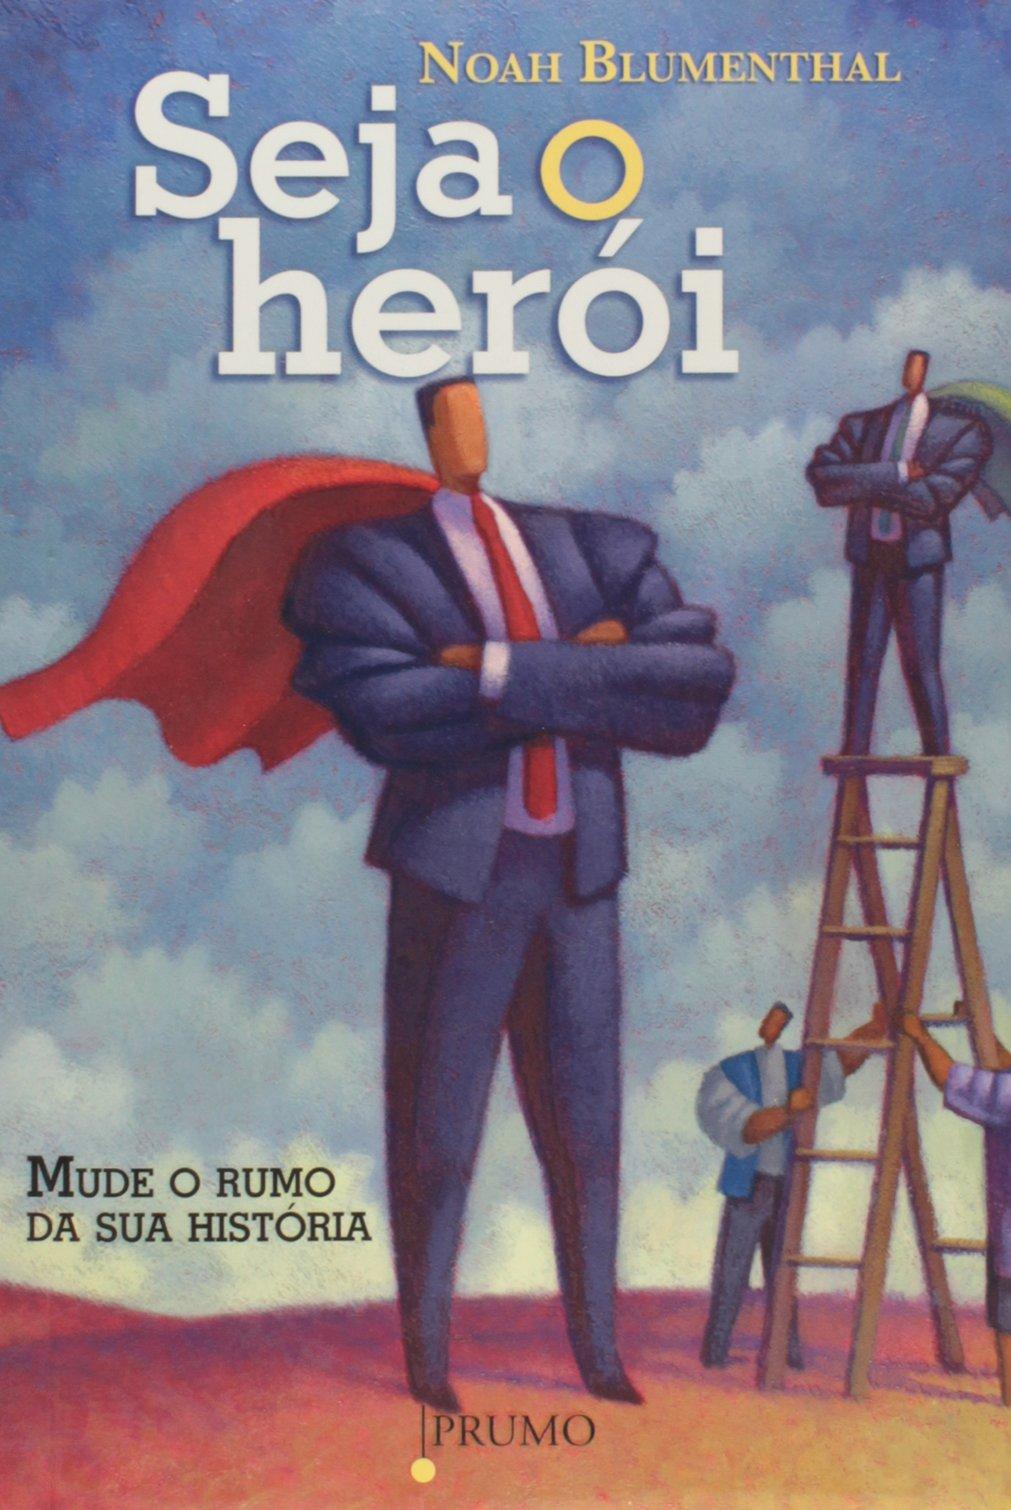 Download Seja O Heroi - Mude O Rumo da Sua Historia (Em Portugues do Brasil) pdf